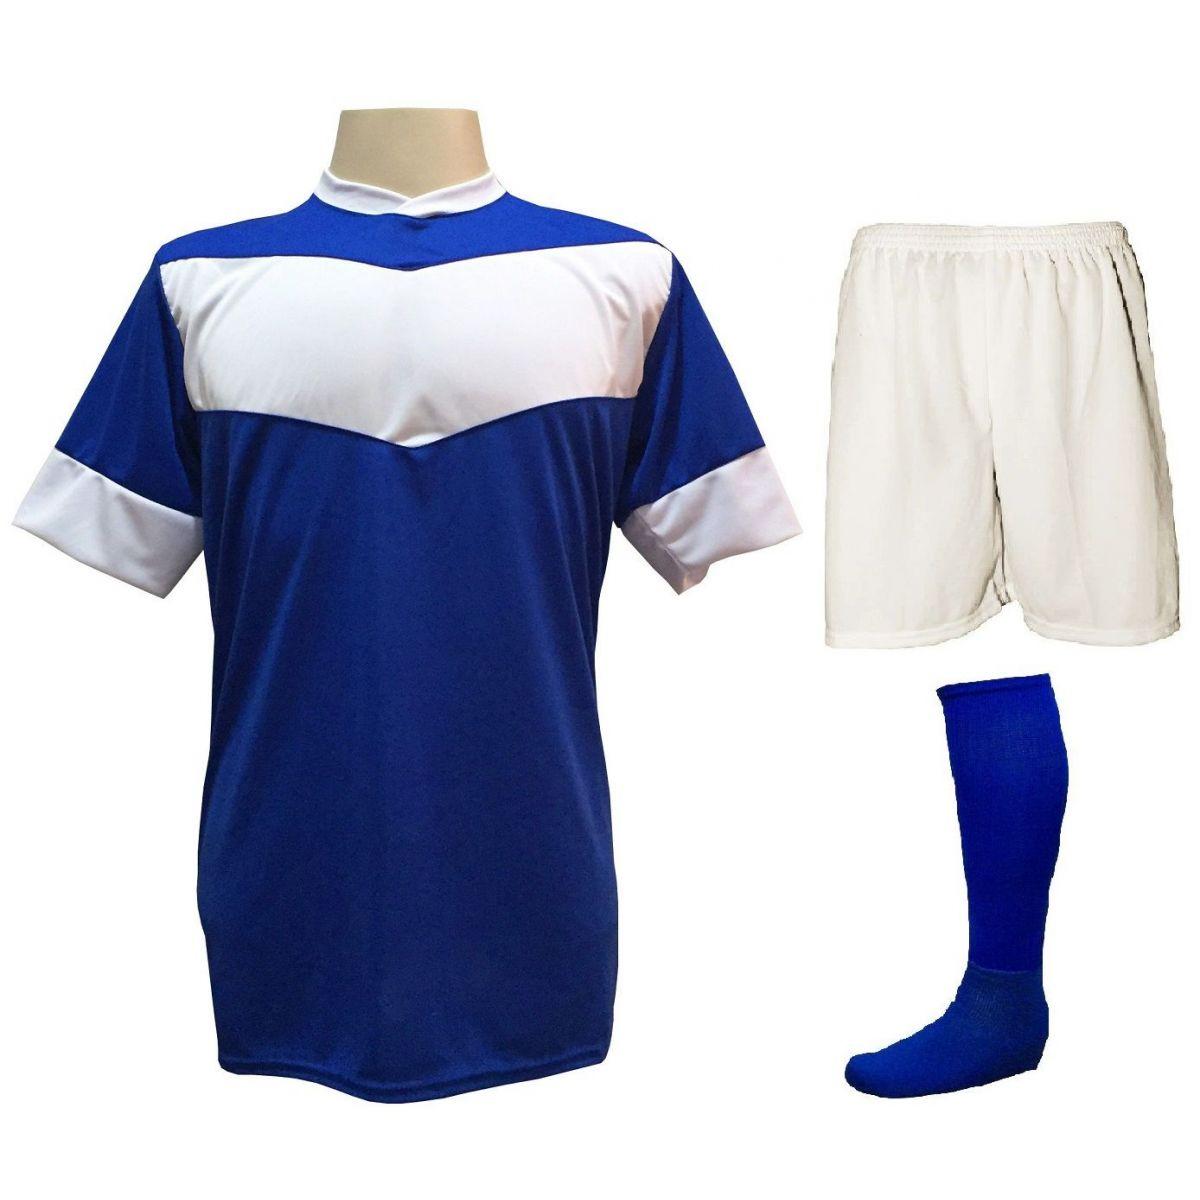 Fardamento Completo modelo Columbus 18+2 (18 Camisas Royal/Branco + 18 Calções Madrid Branco + 18 Pares de Meiões Royal + 2 Conjuntos de Goleiro) + Brindes